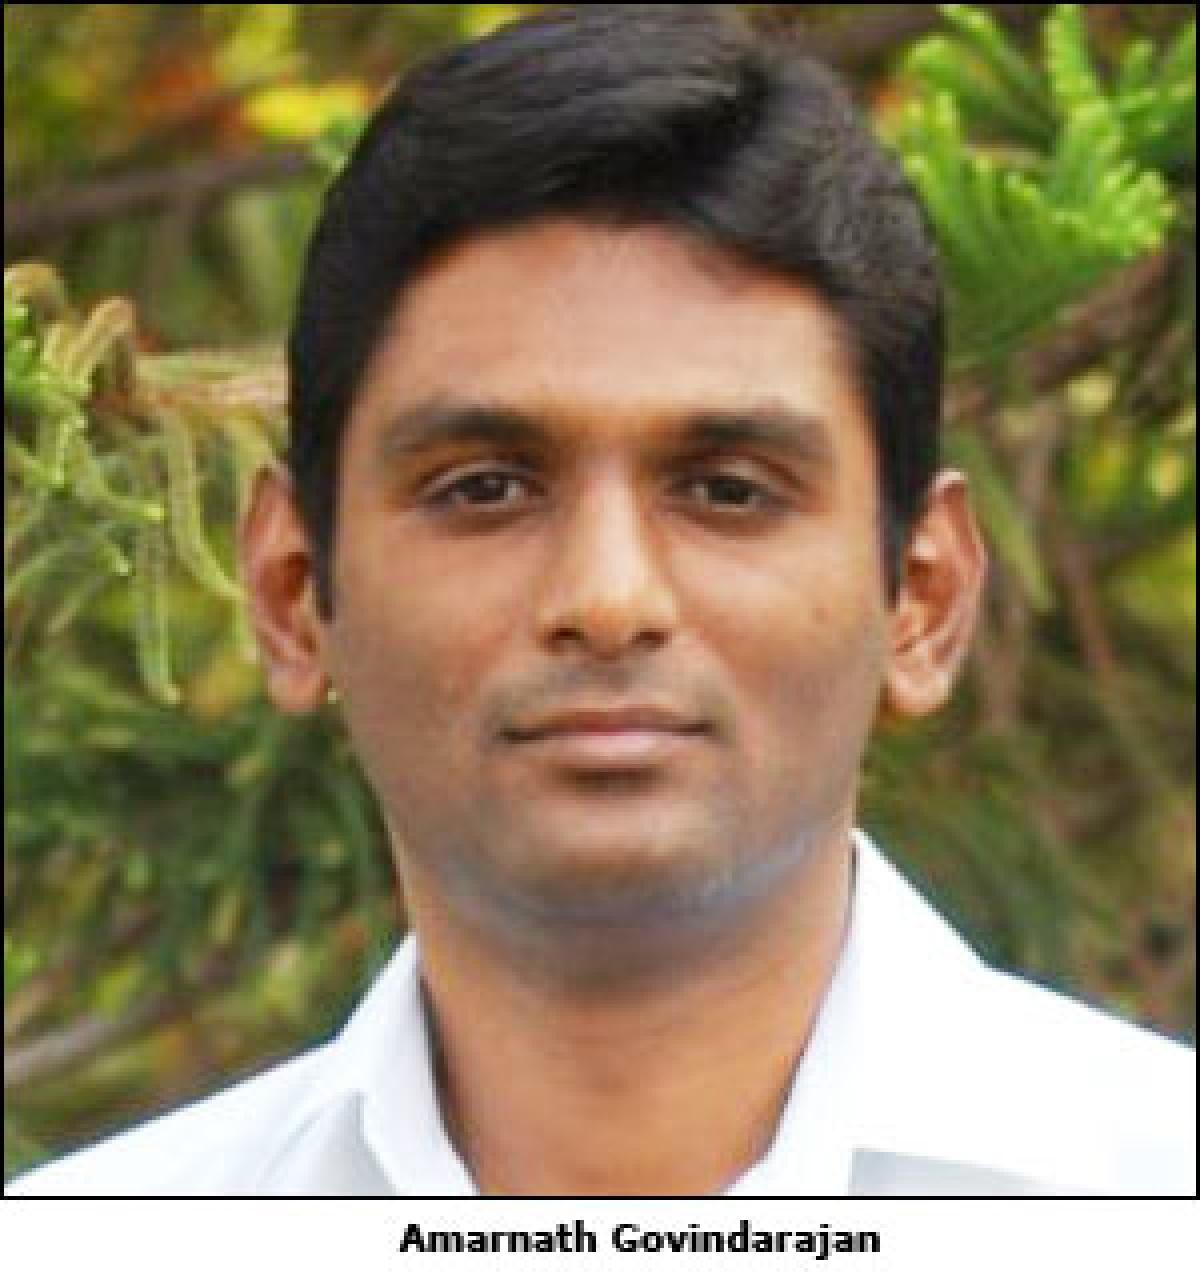 Swarajya partners with Raghav Bahl's Quintype